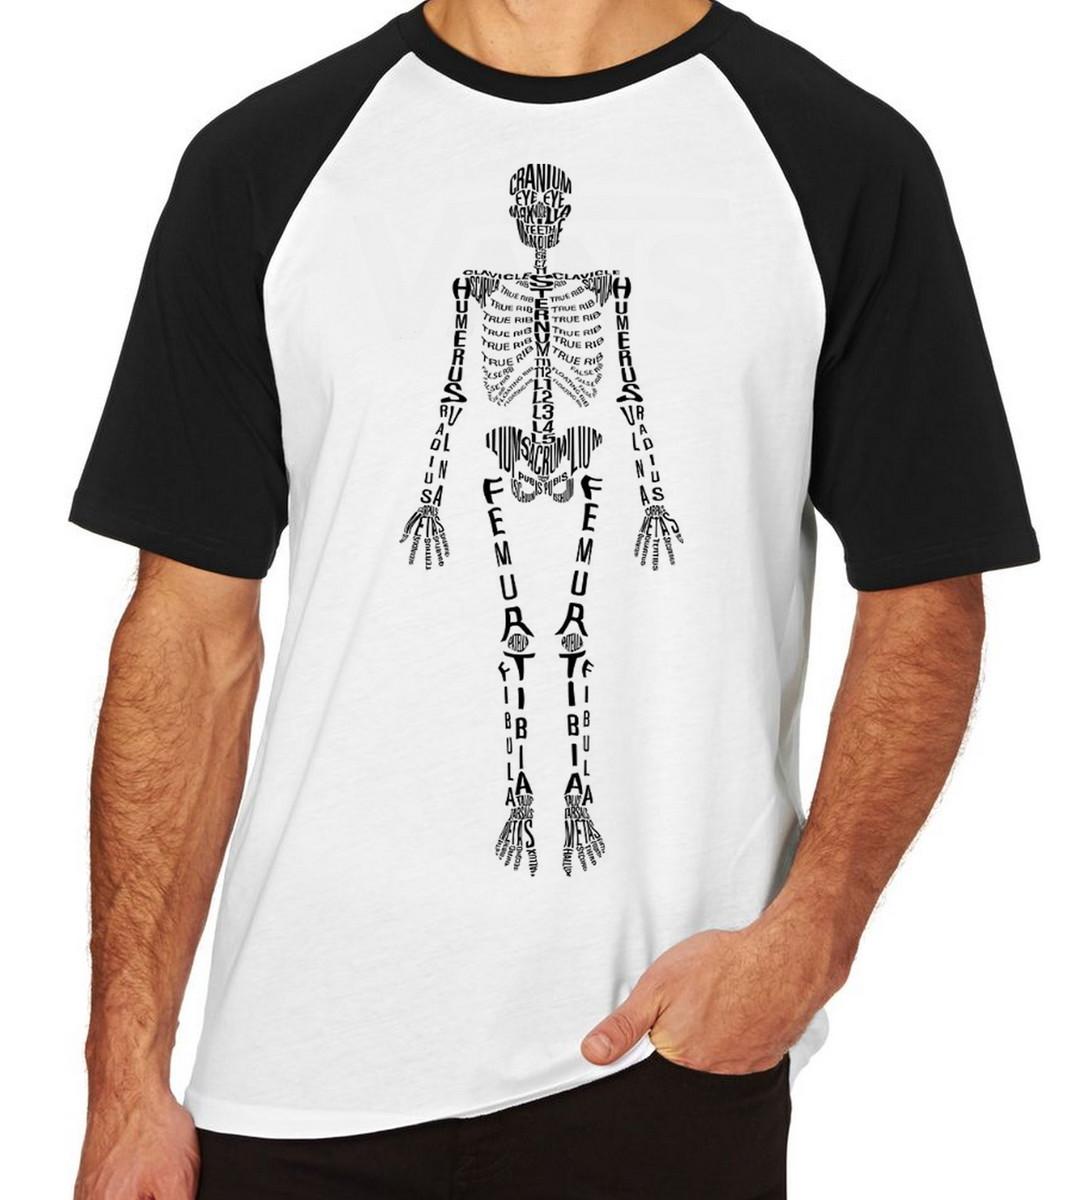 74f42635f Camiseta Raglan Blusa Camisa esqueleto Humano com nome no Elo7 ...